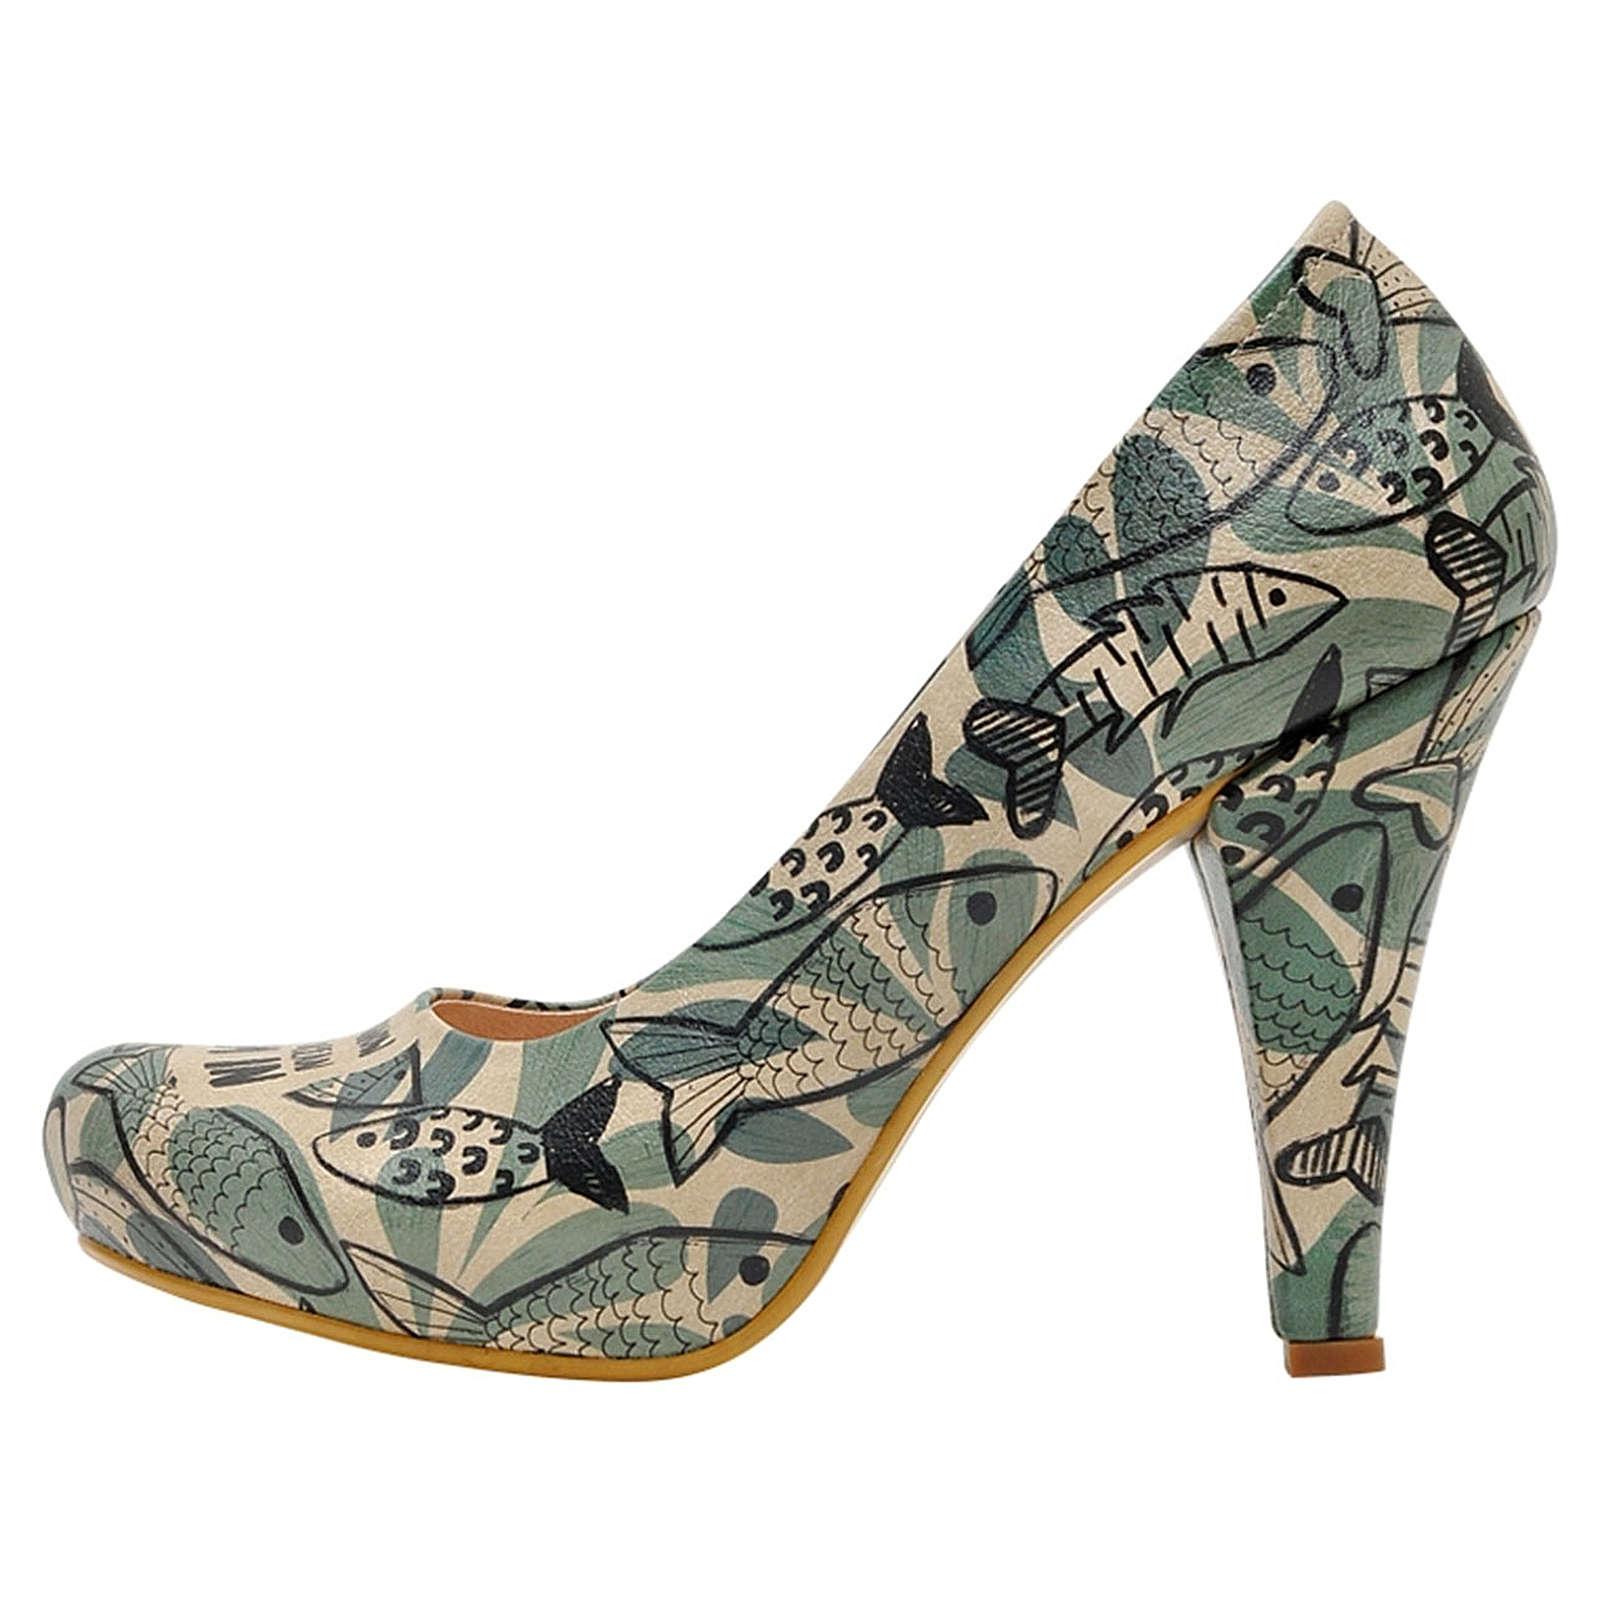 Dogo Shoes High-Heels Ocean Klassische Pumps mehrfarbig Damen Gr. 36